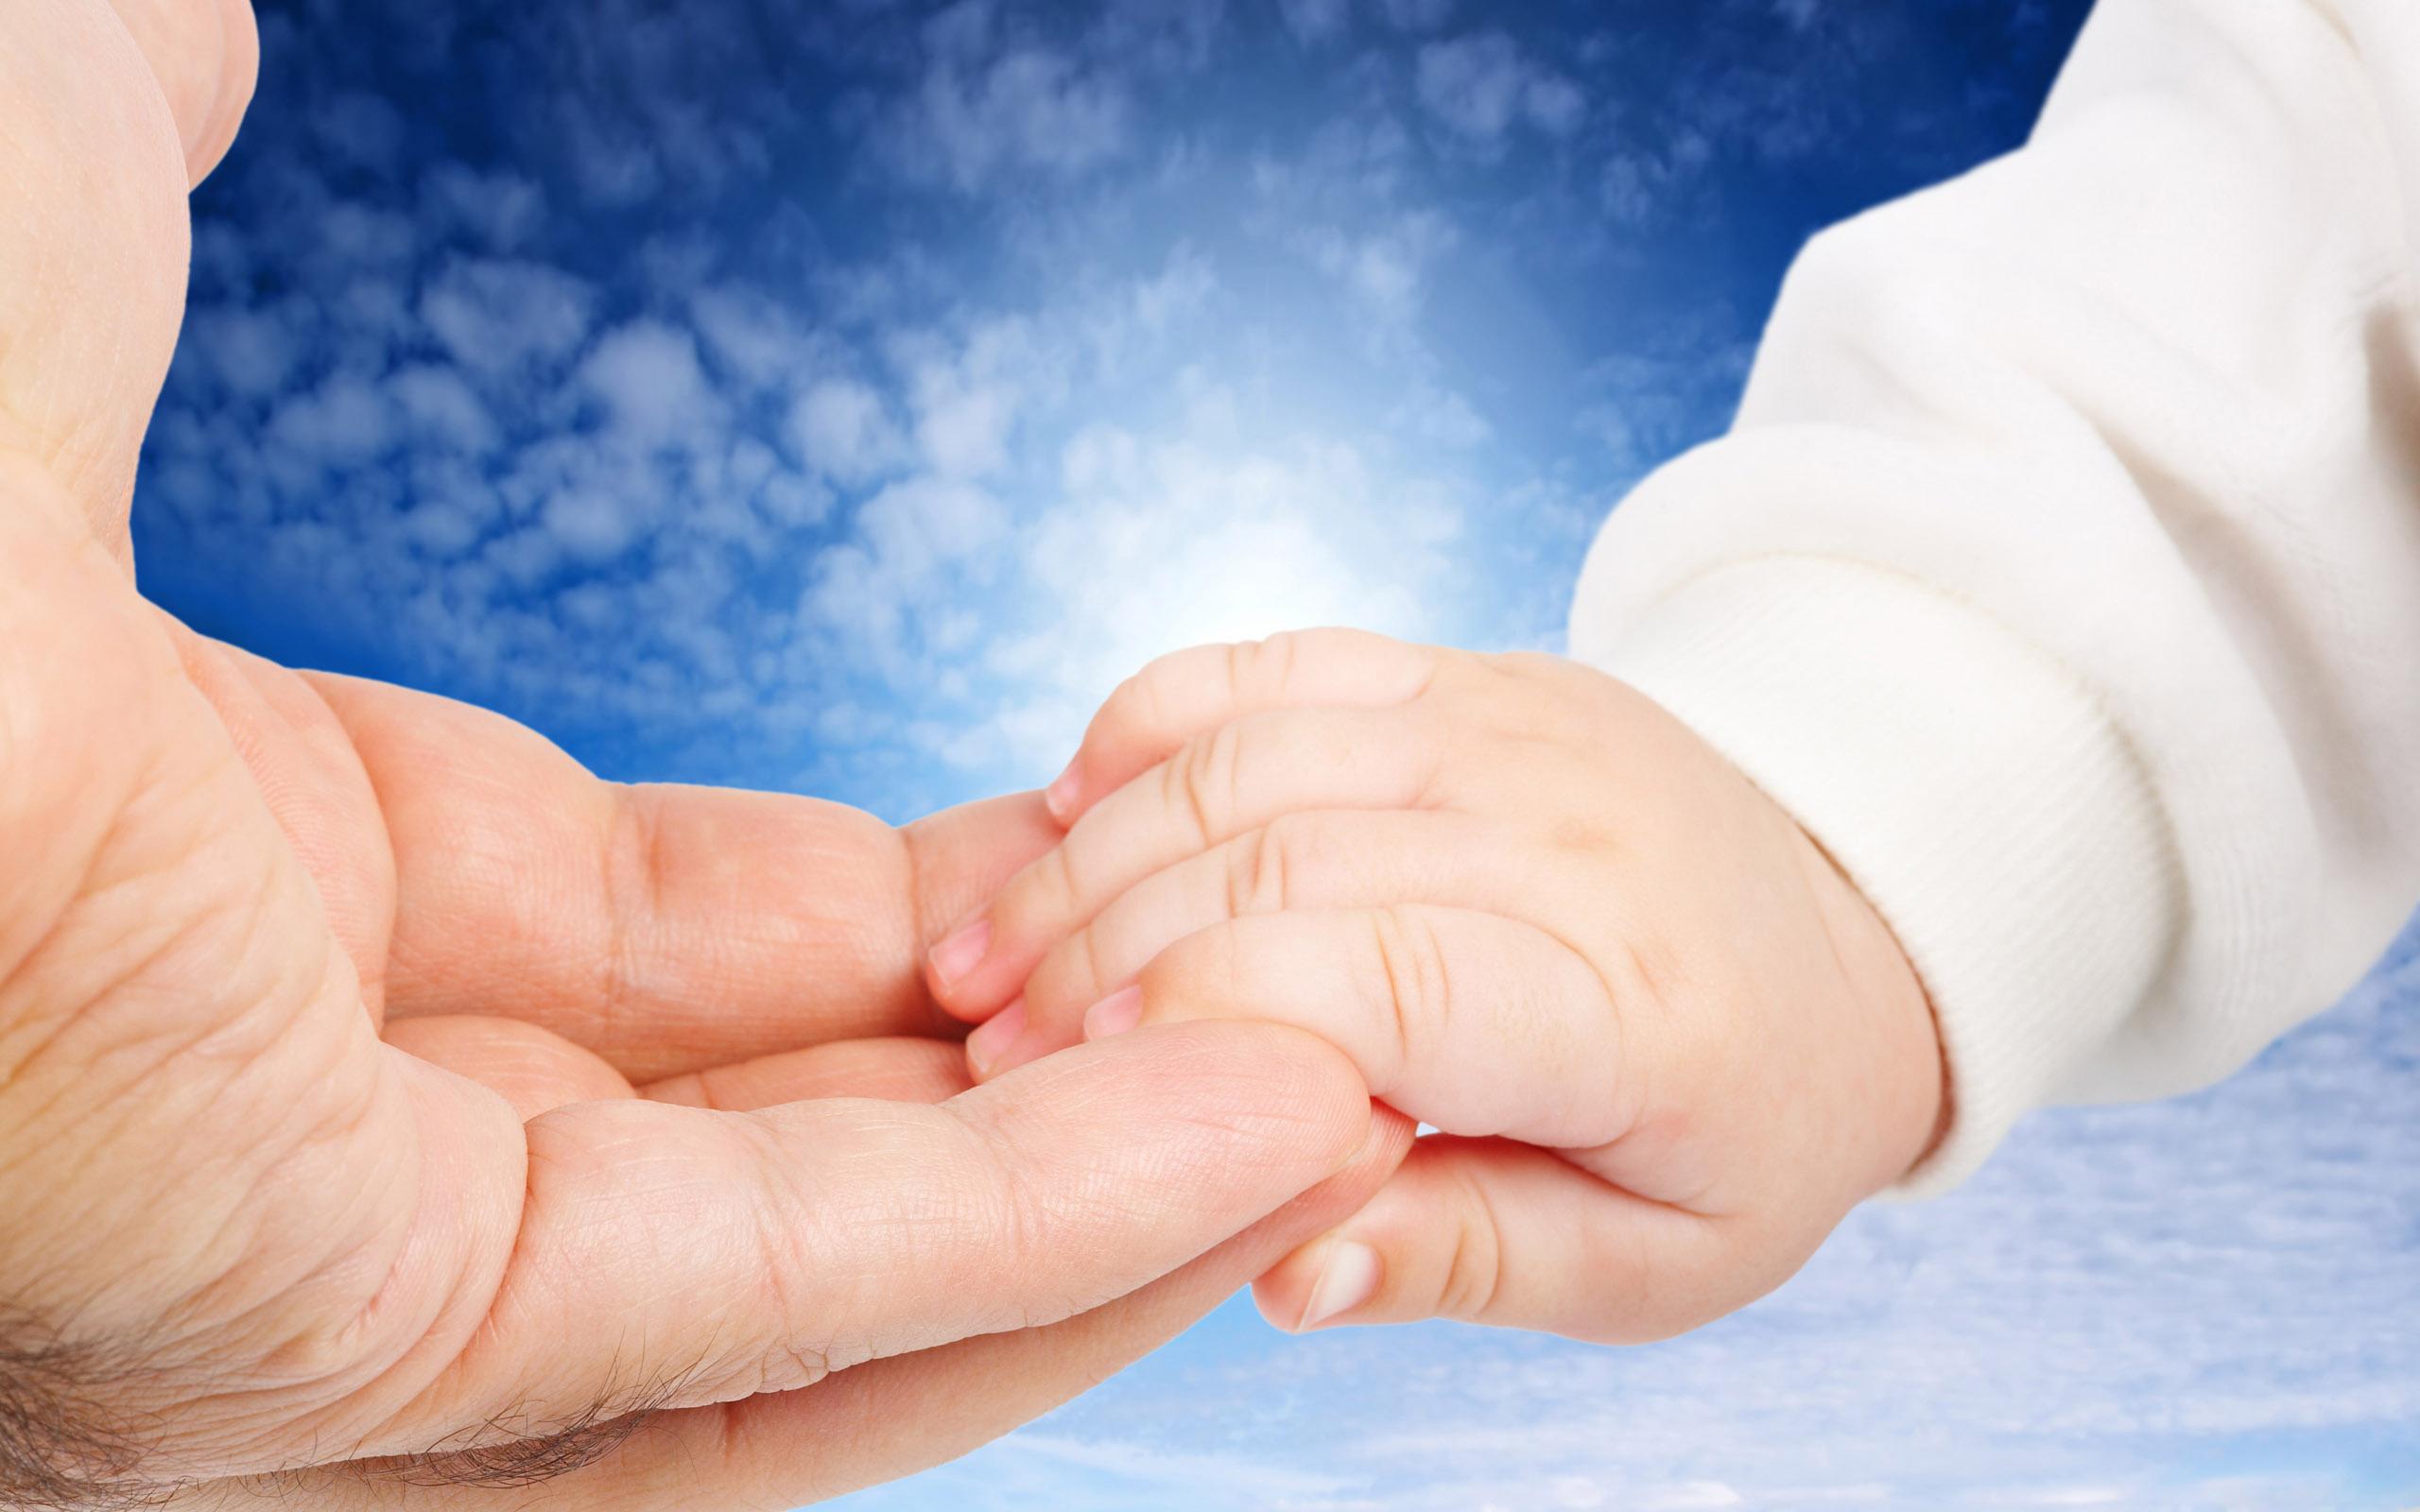 Ребенок не дает свои руки 334